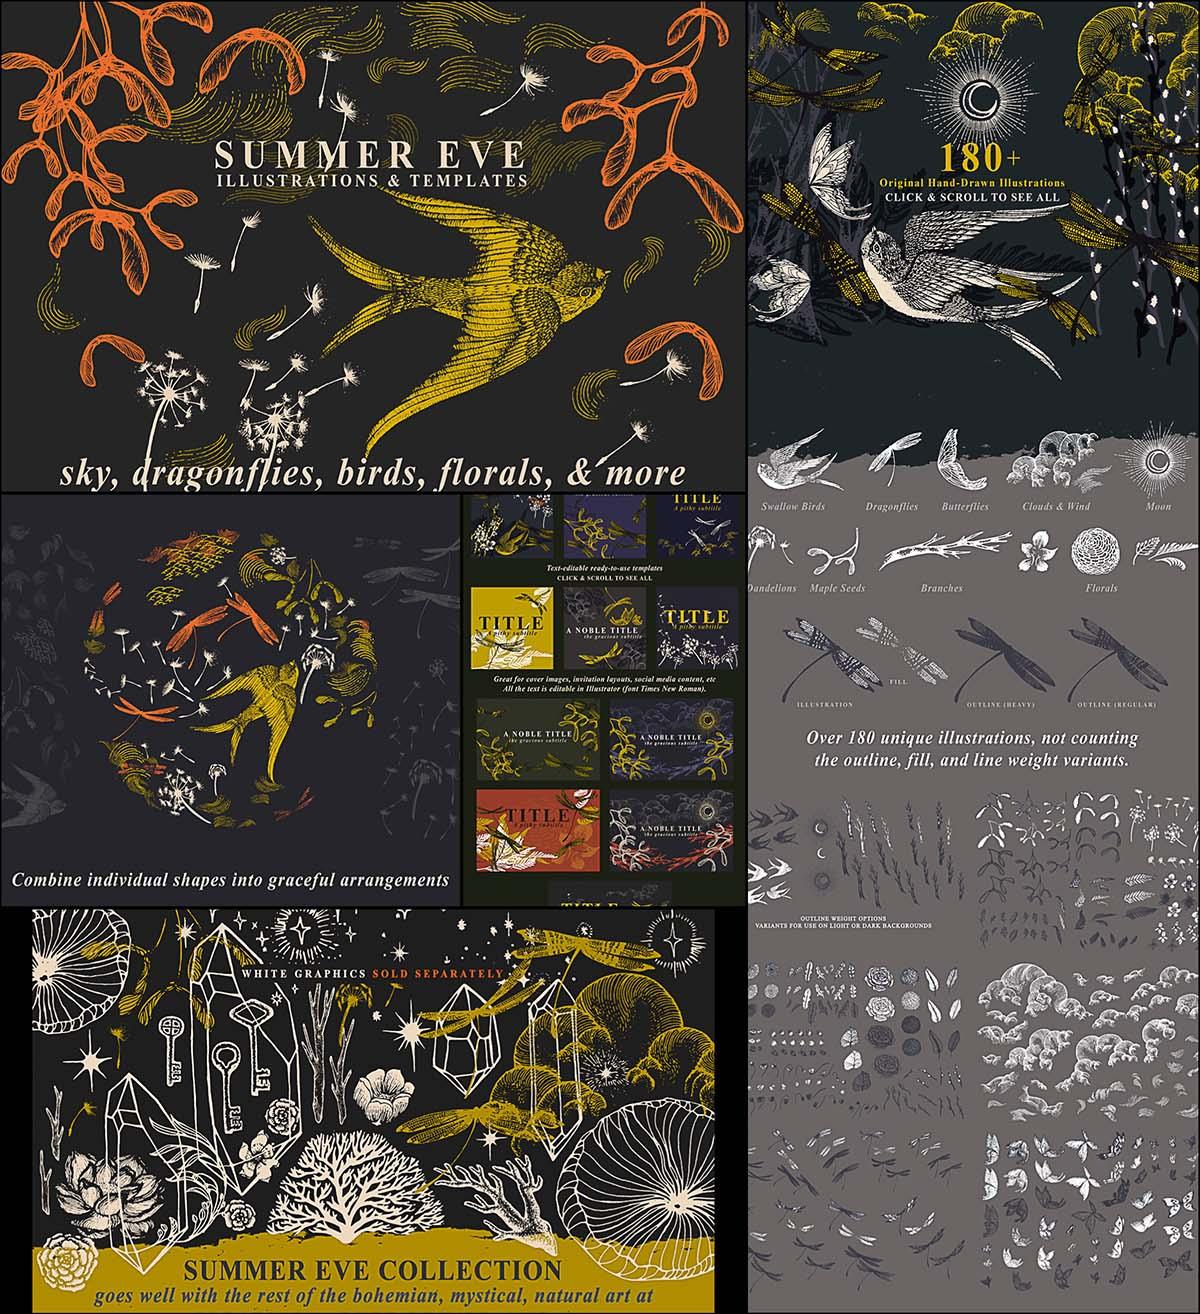 Vintage floral summer vector illustrations